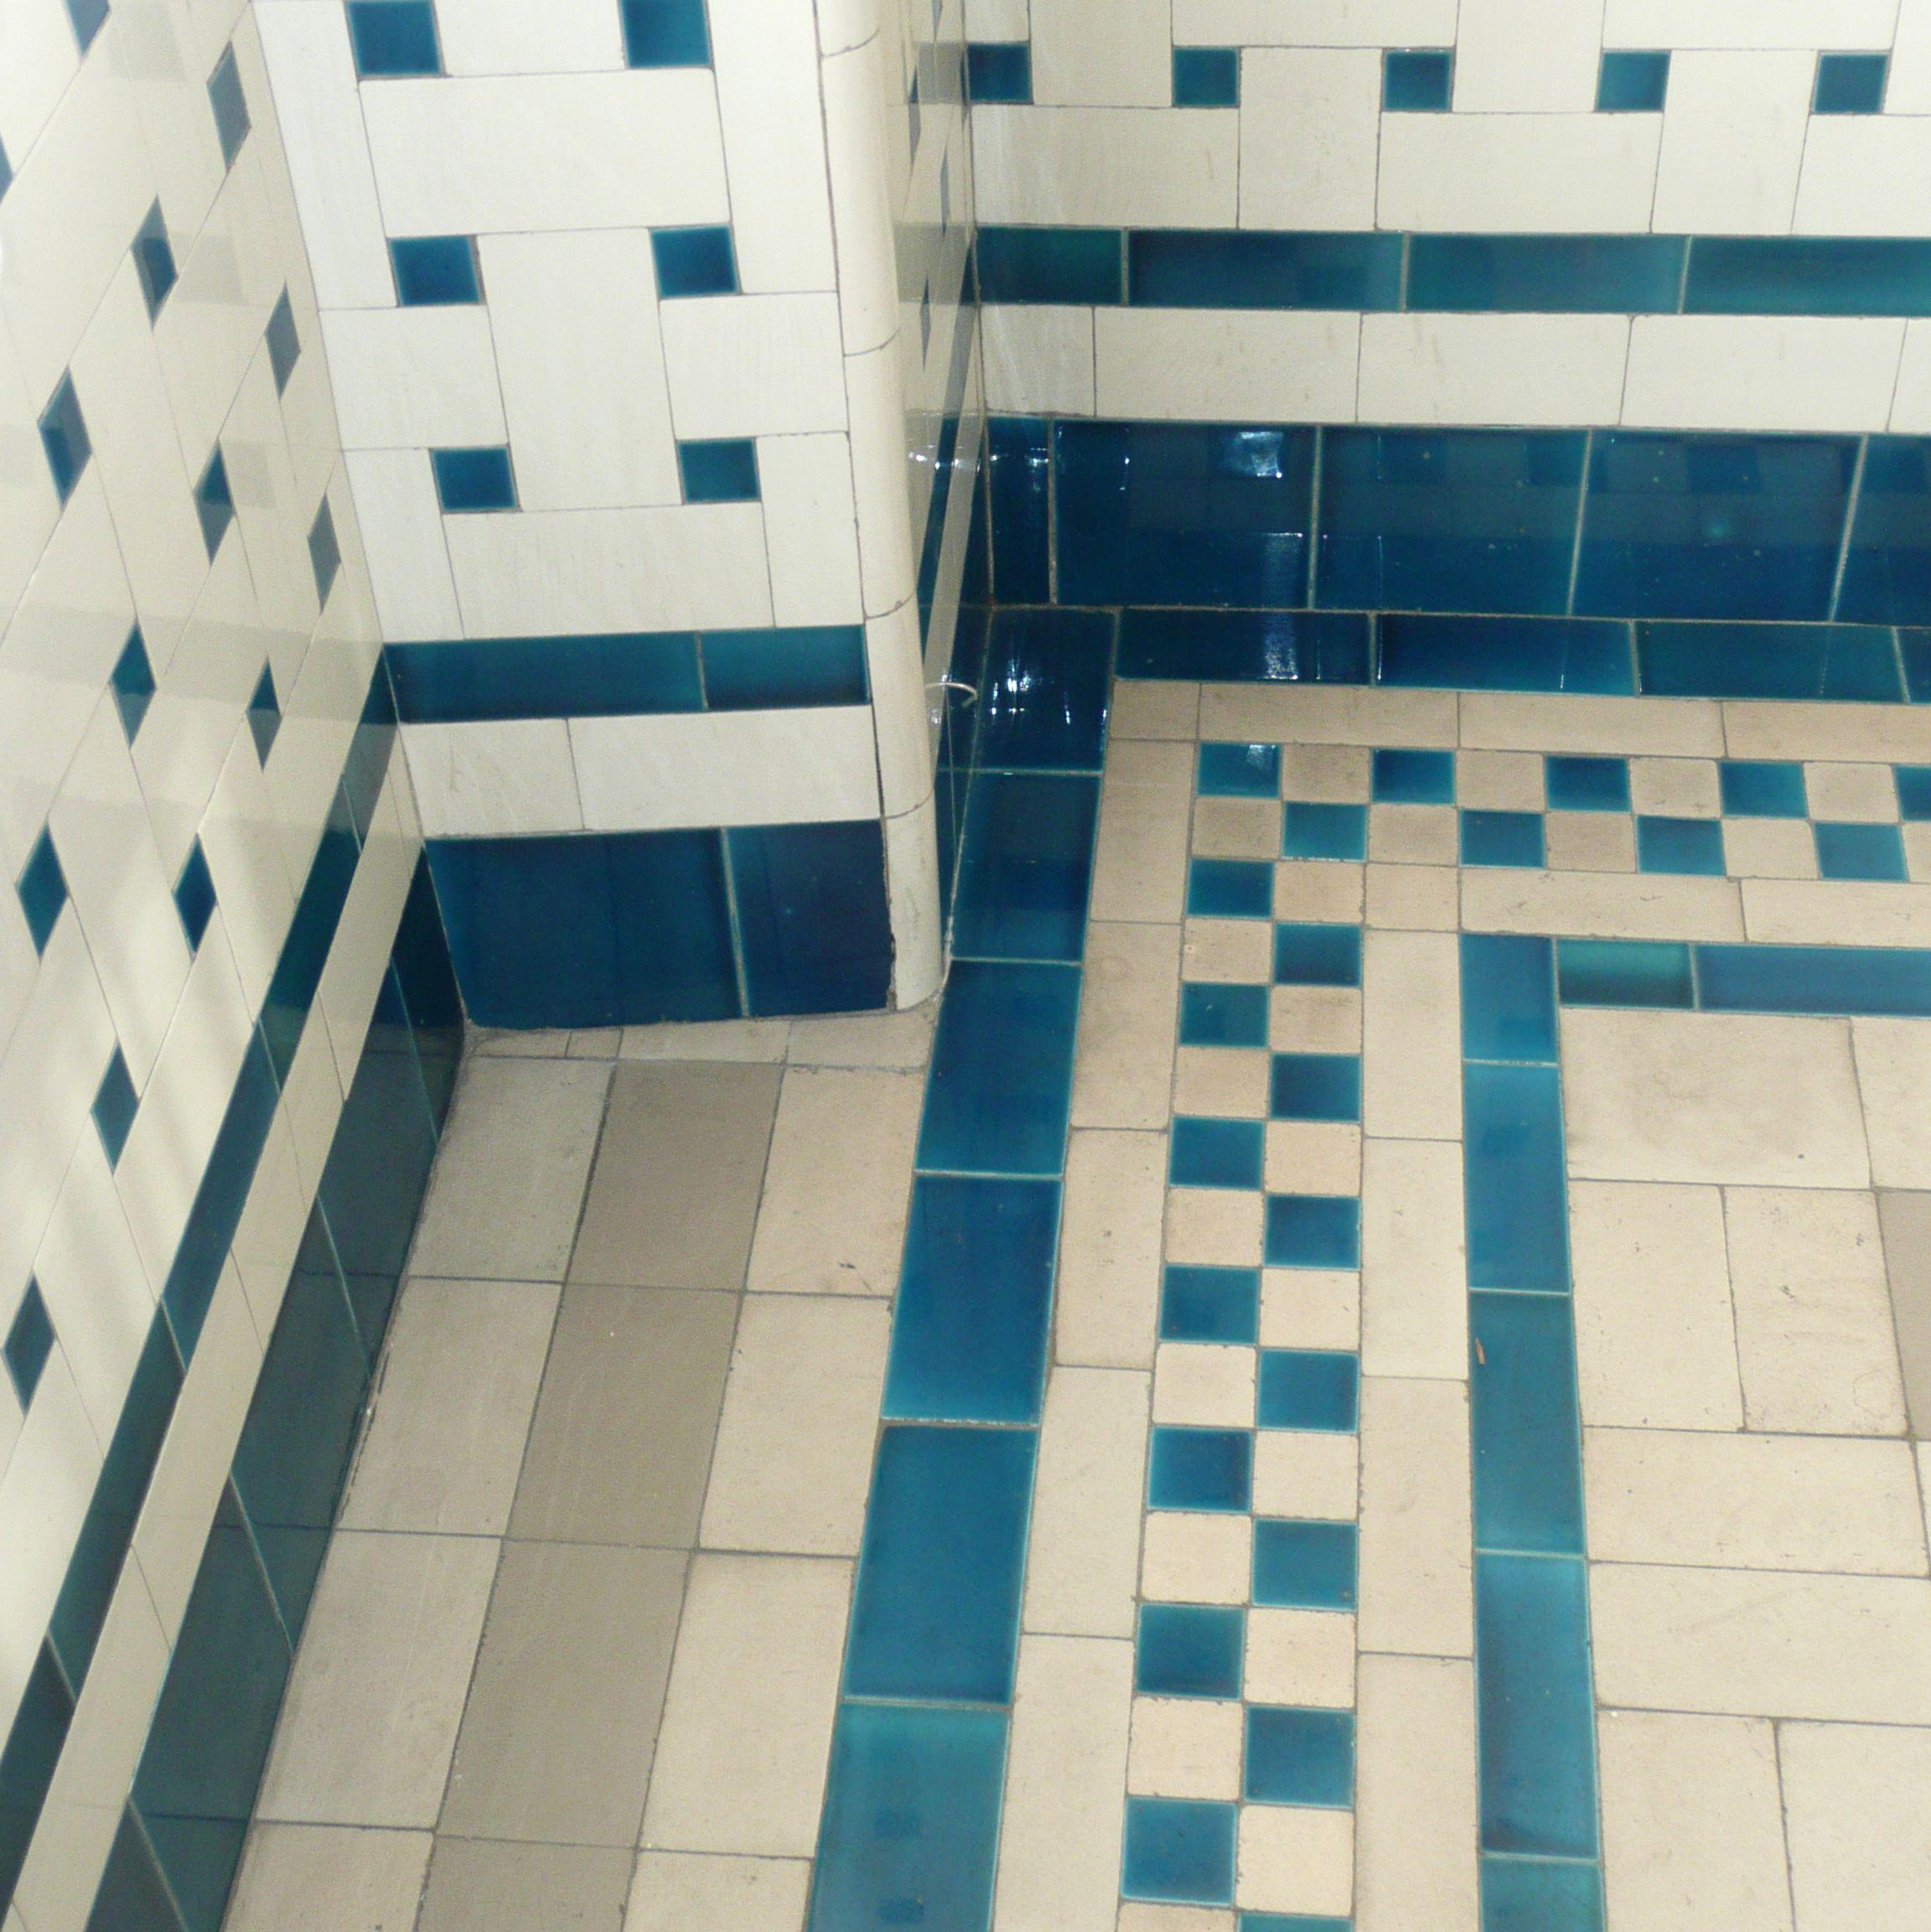 Les salles de bains du mus e nissim de camondo - Salle de bain jaune et bleu ...